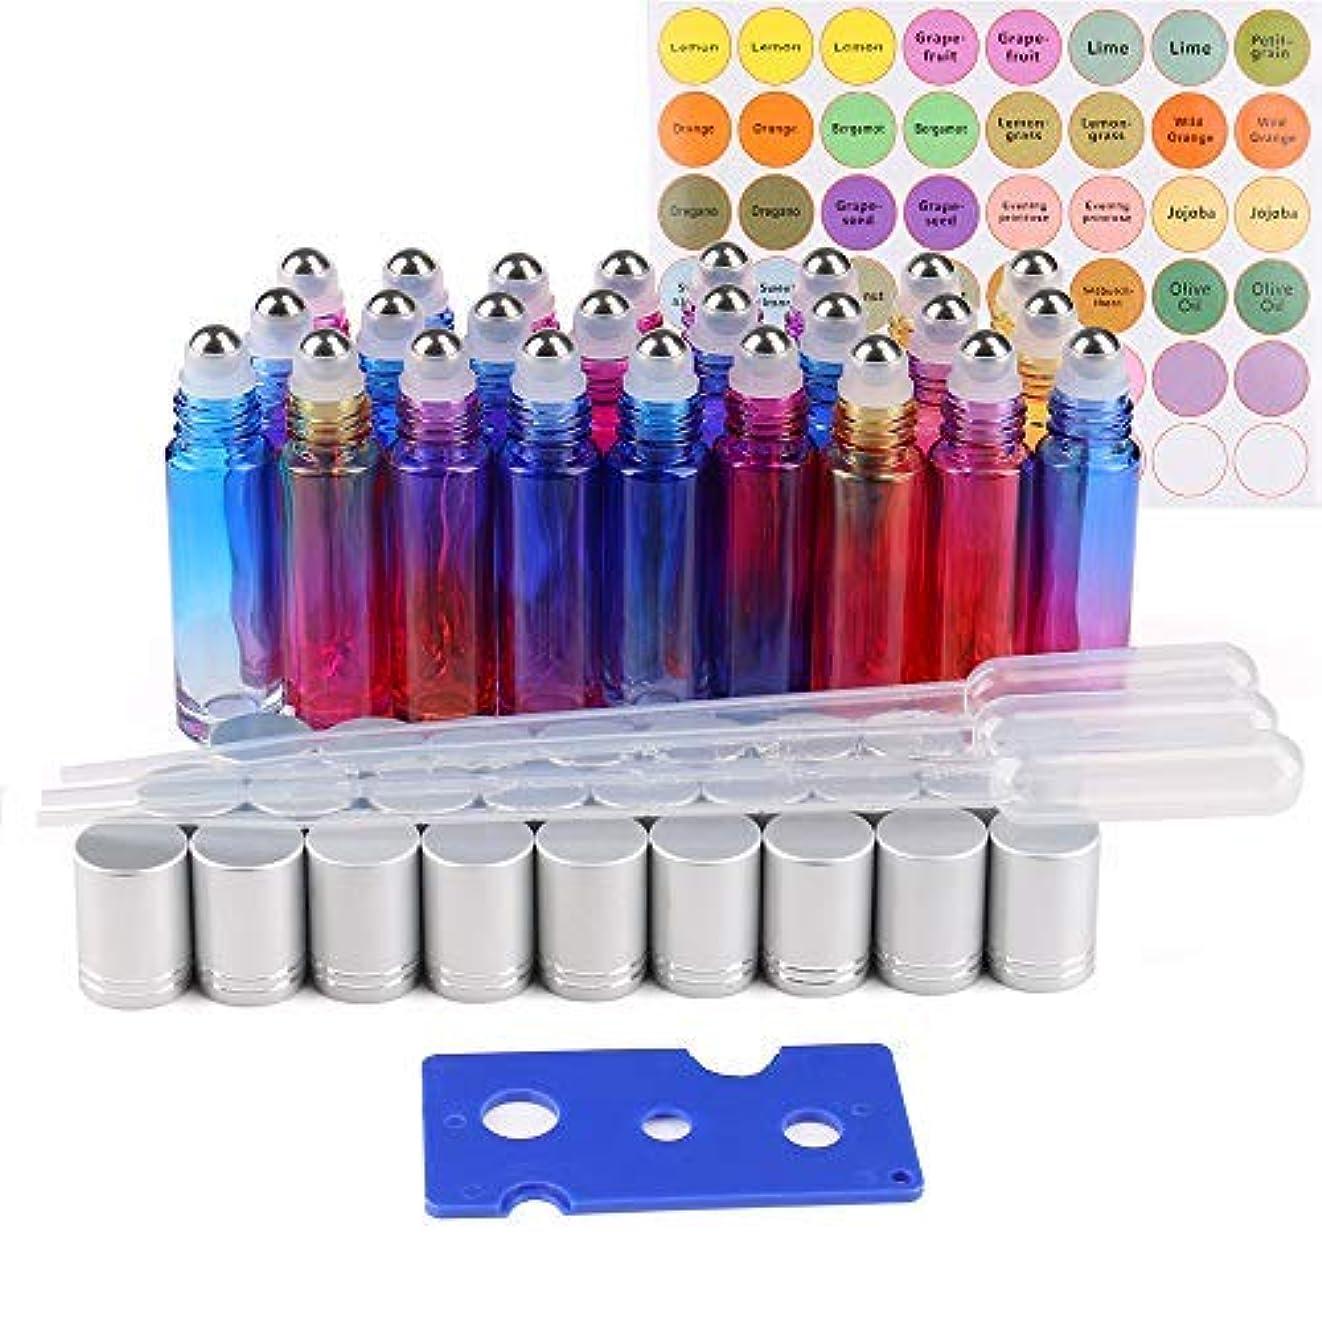 骨折酸化物ワーディアンケース25 Pack Essential Oil Roller Bottles, 10ml Gradient Color Roll on Bottles with Stainless Steel Roller Balls for...